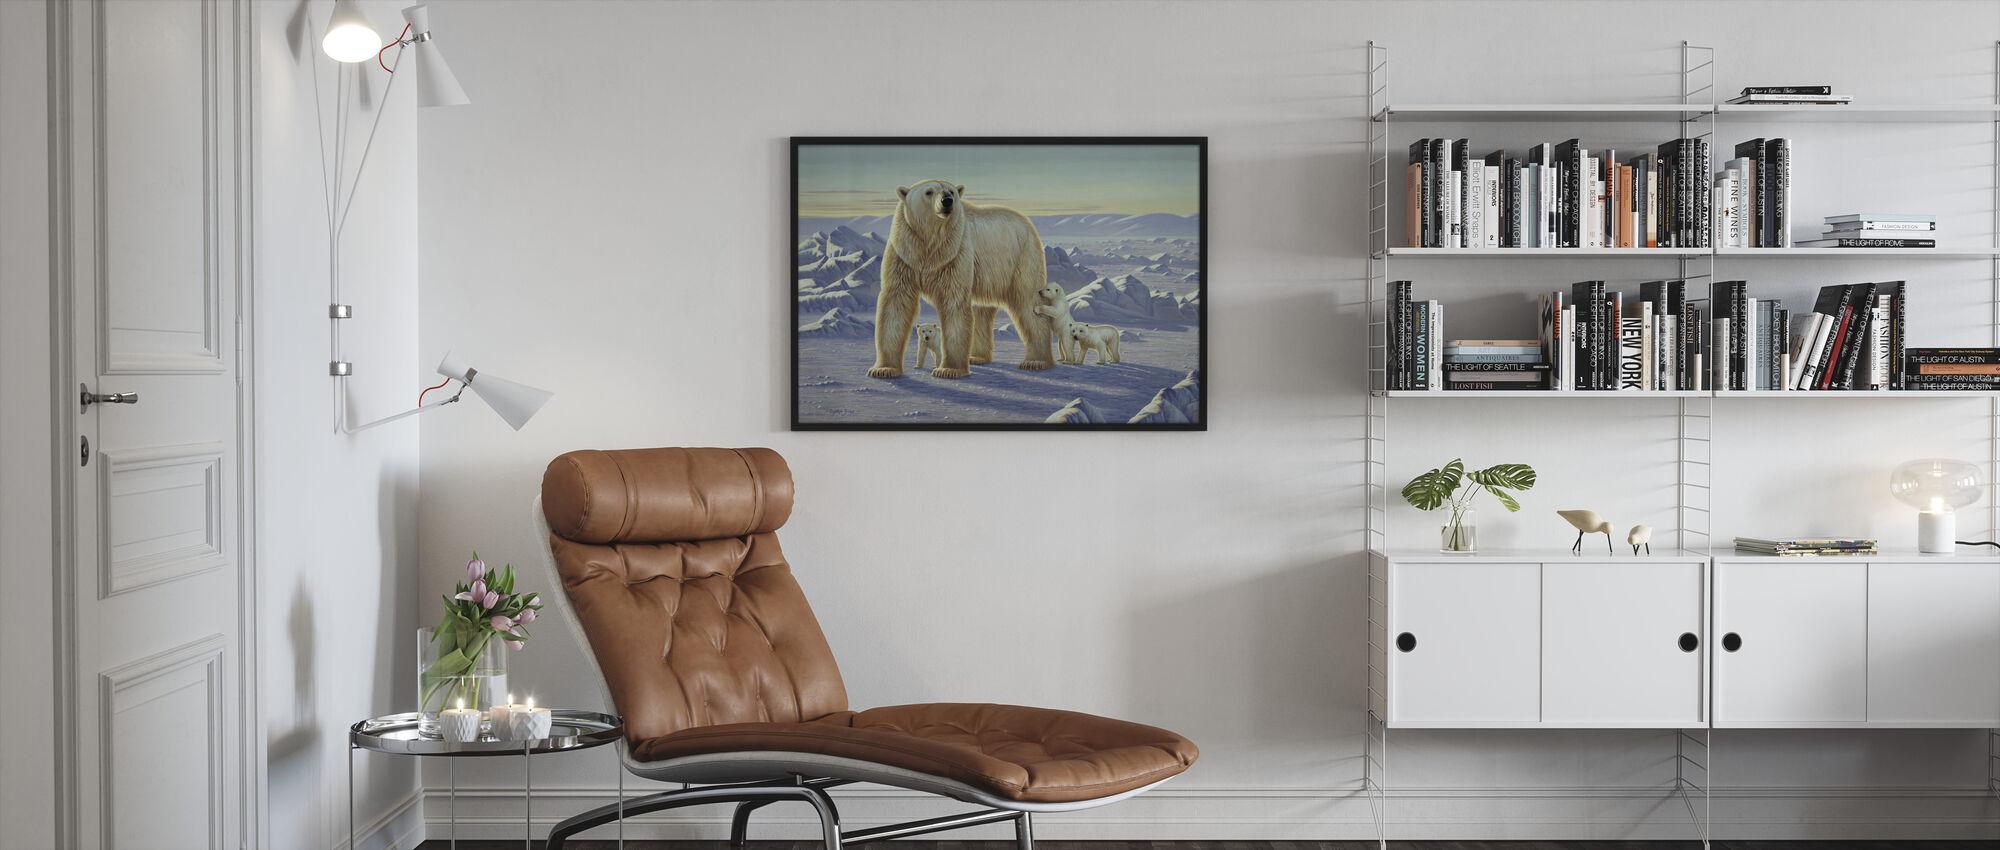 Polar Bear with Cubs - Framed print - Living Room